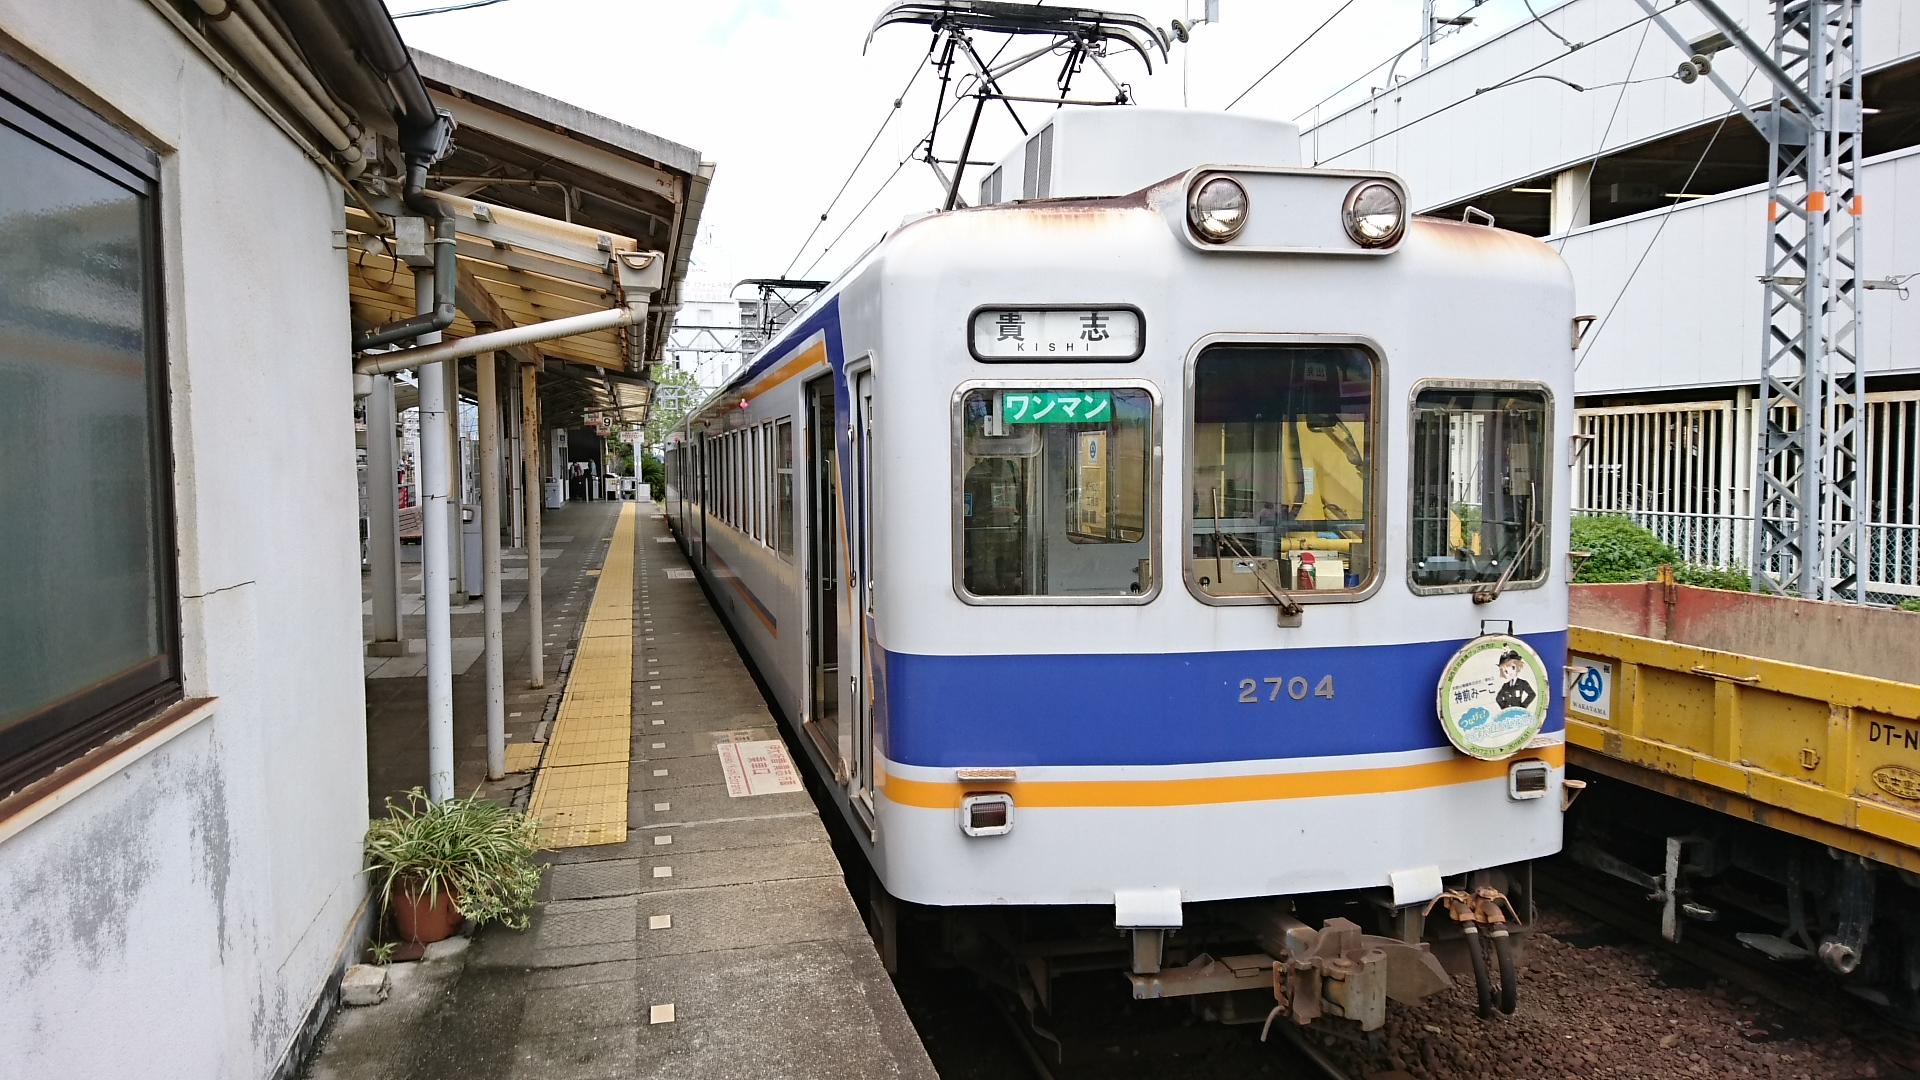 2017.8.17 たま電車 (3) 和歌山 - 貴志いきふつう 1920-1080